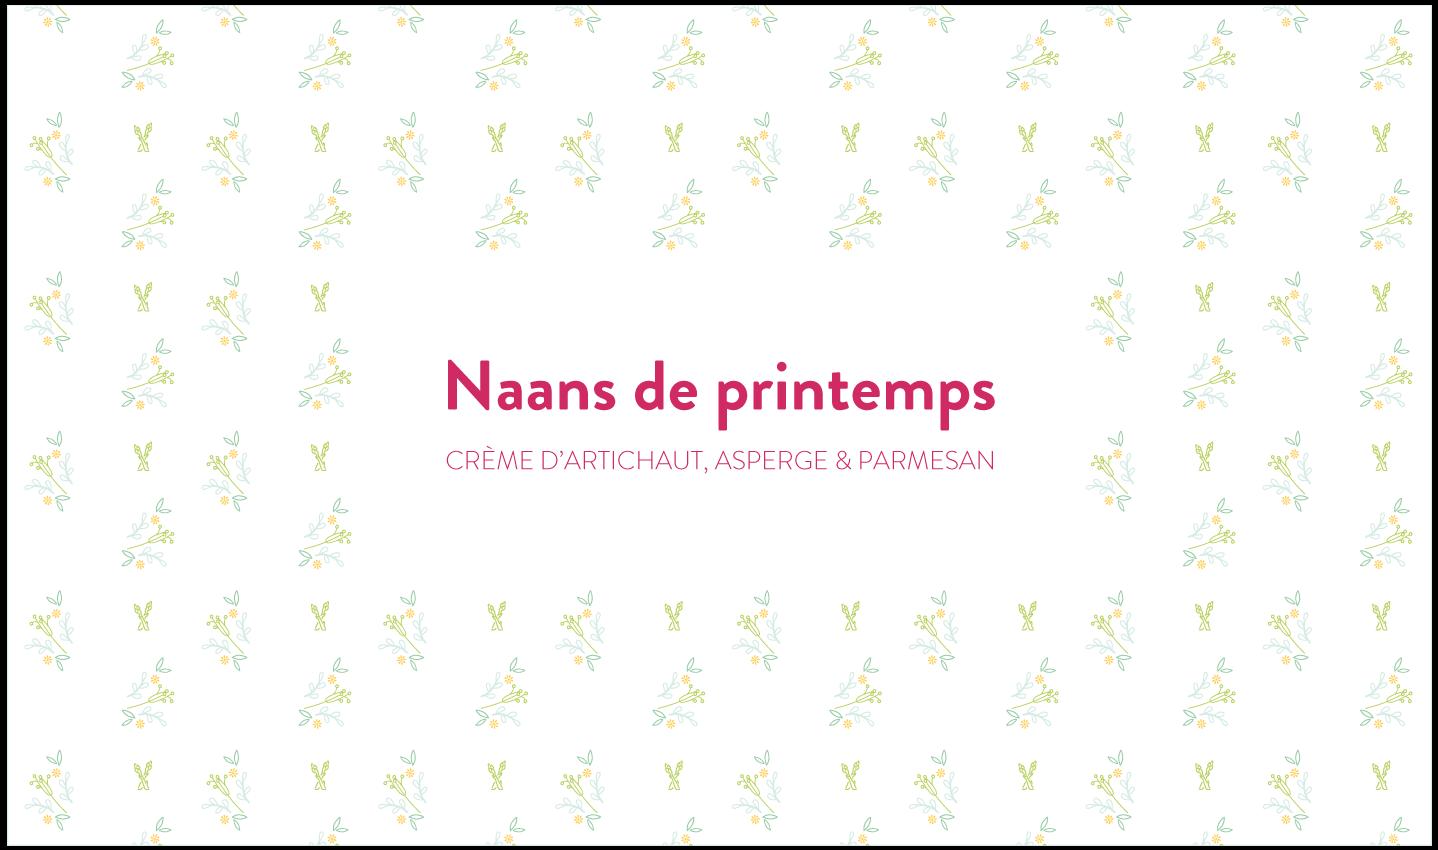 MOTIFS-2016-naans